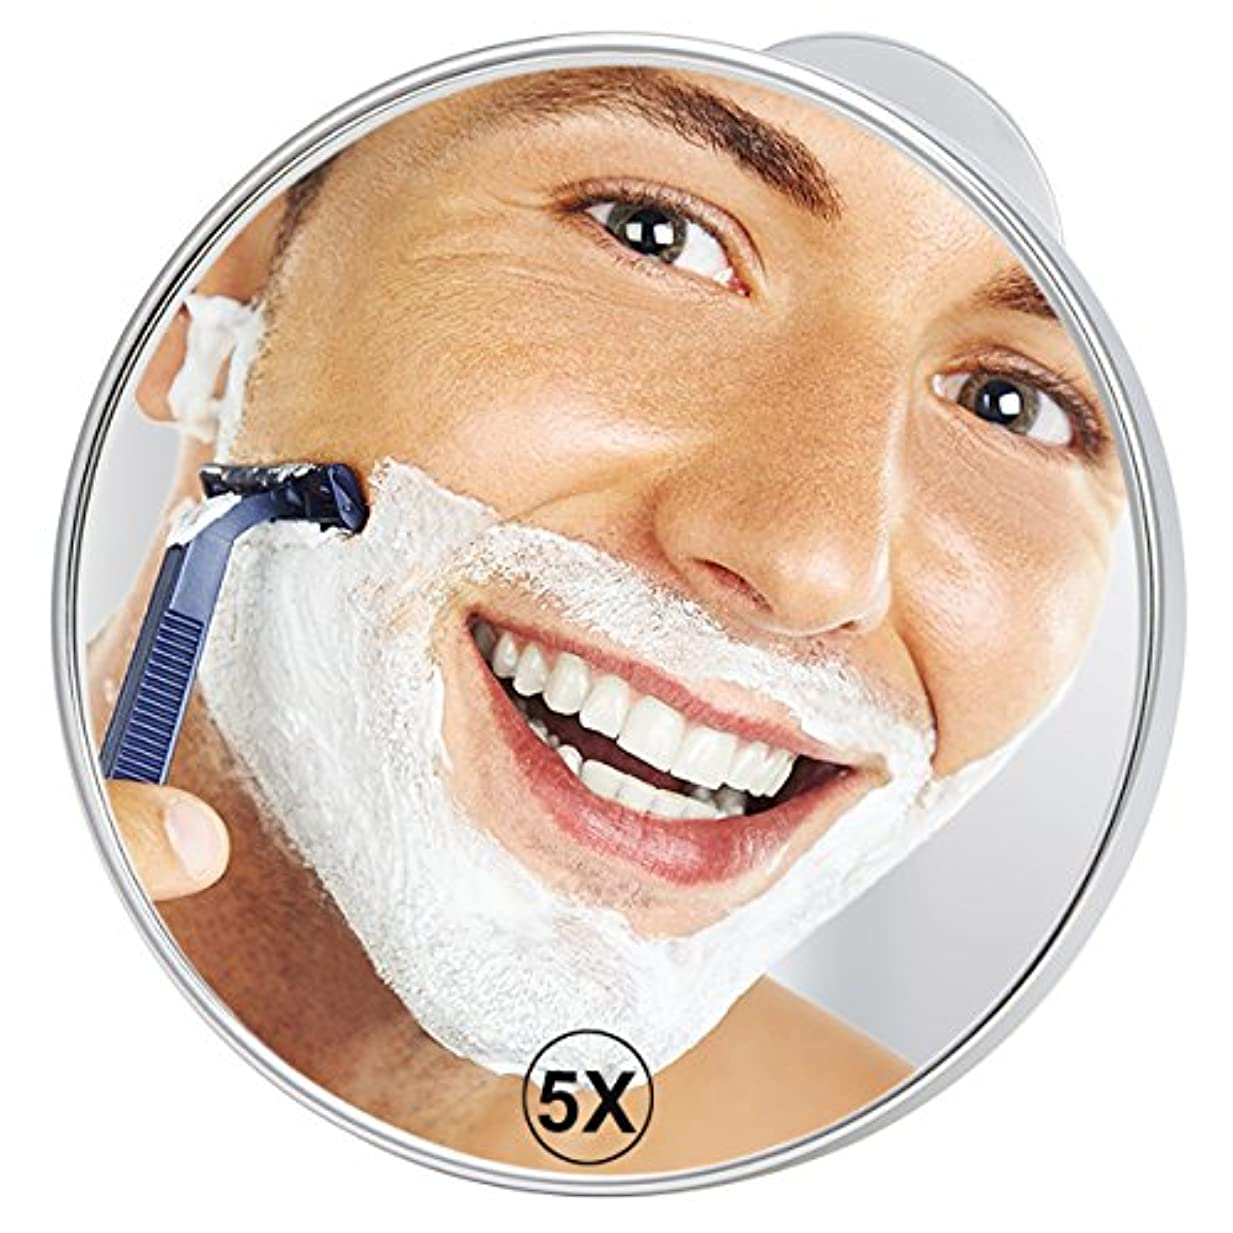 ビザやりがいのある台風21cm 浴室鏡 鏡 壁掛け 浴室用化粧鏡 5倍拡大鏡 シャワーミラー 強力吸盤付、き シミ、しわ、お肌のお手入れをチェックできて、髭剃り